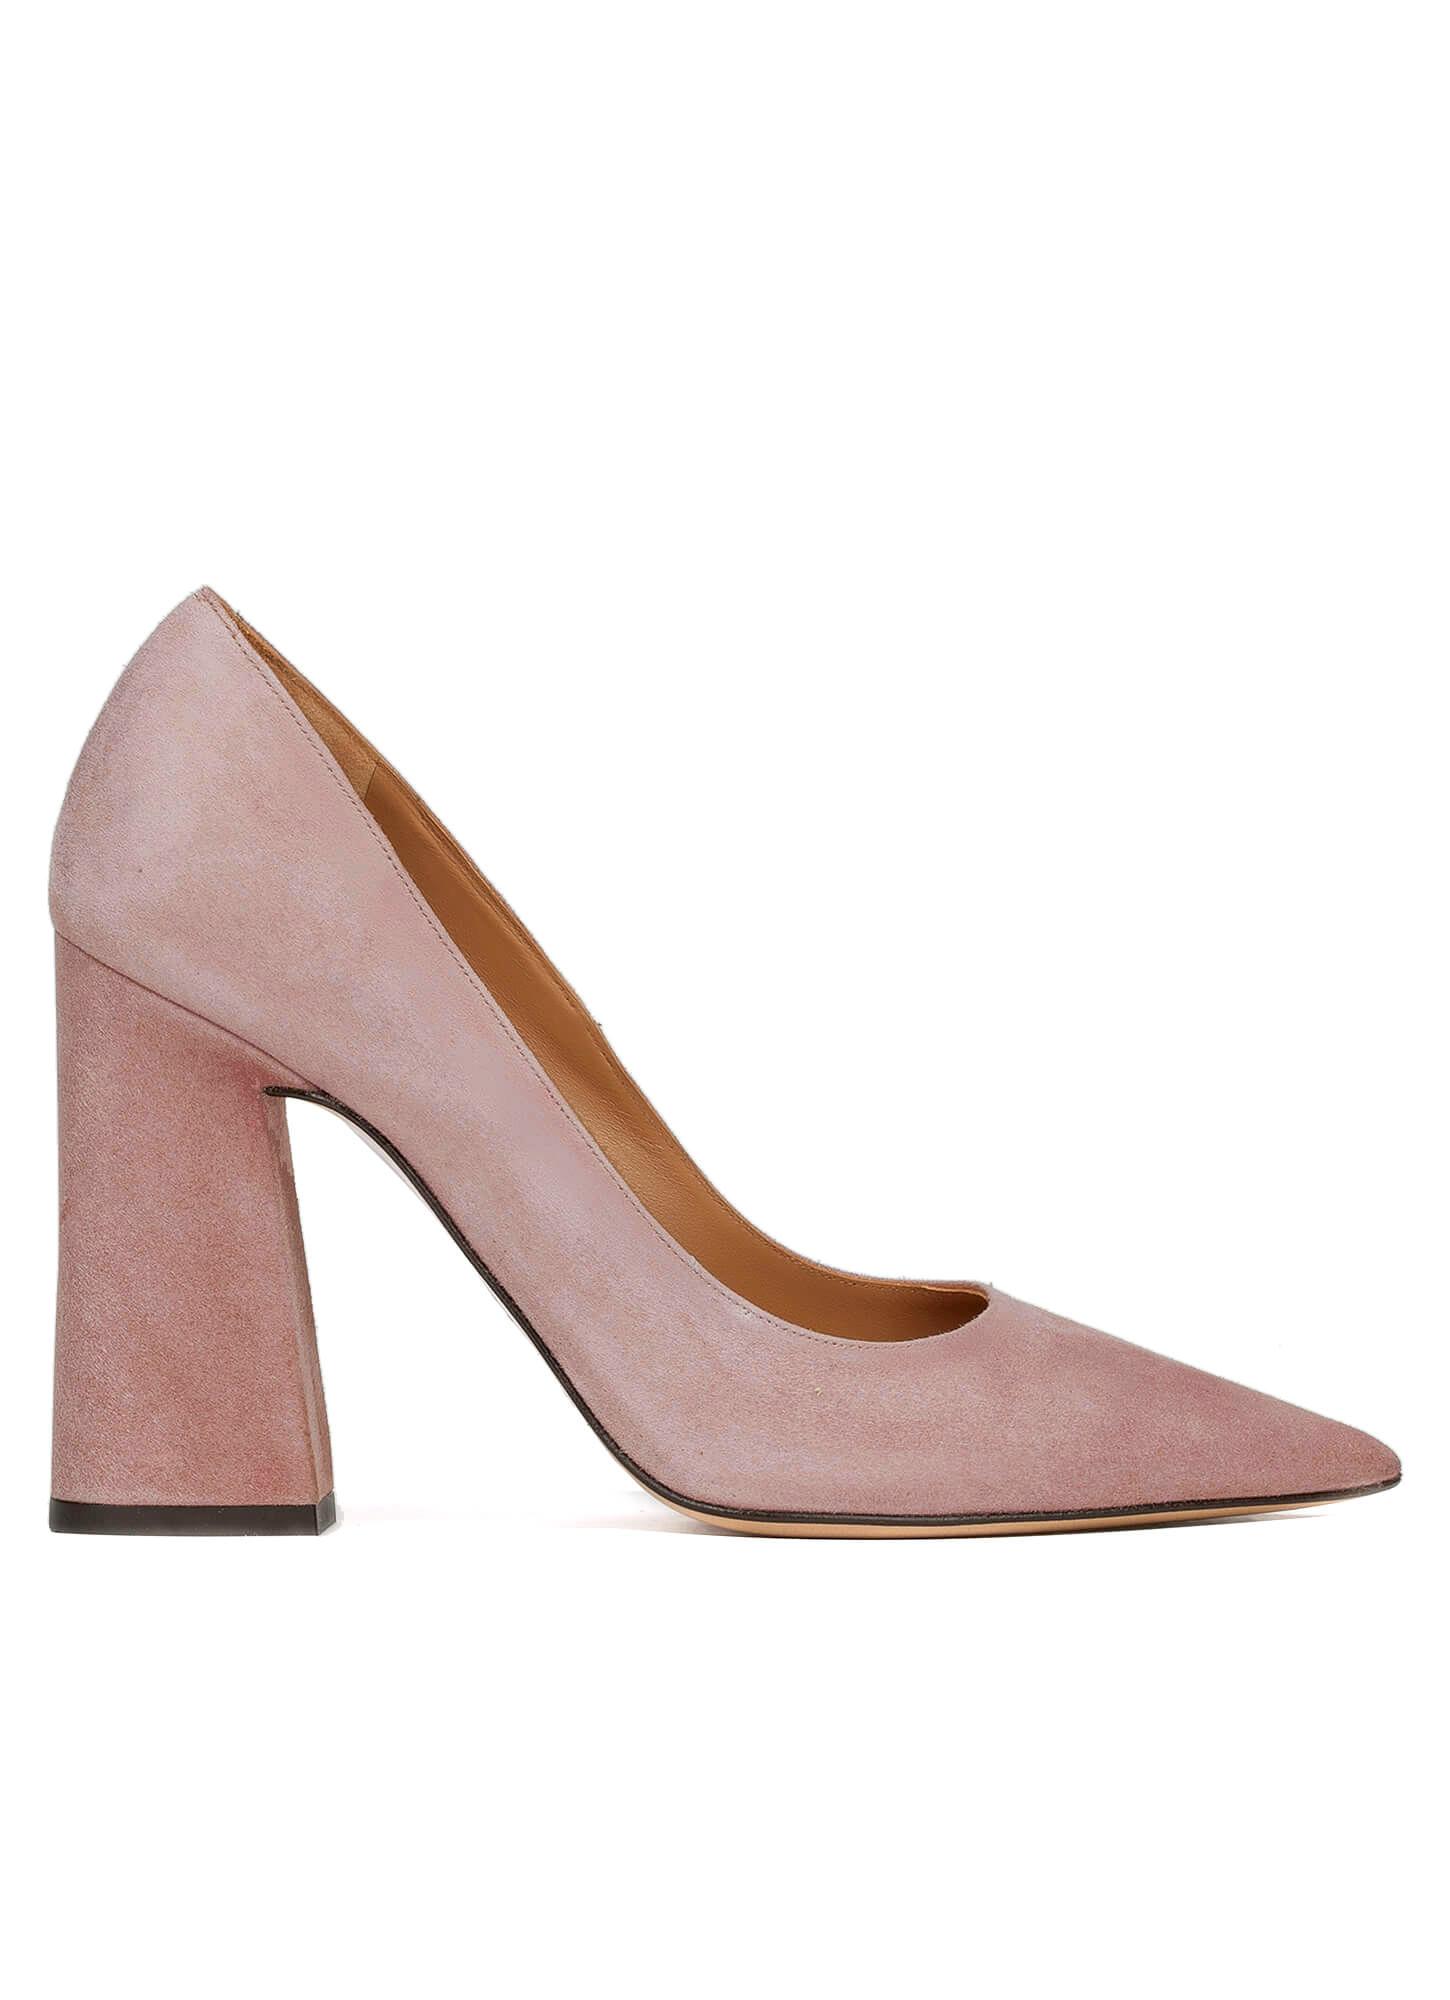 Pink high block heel pumps - online